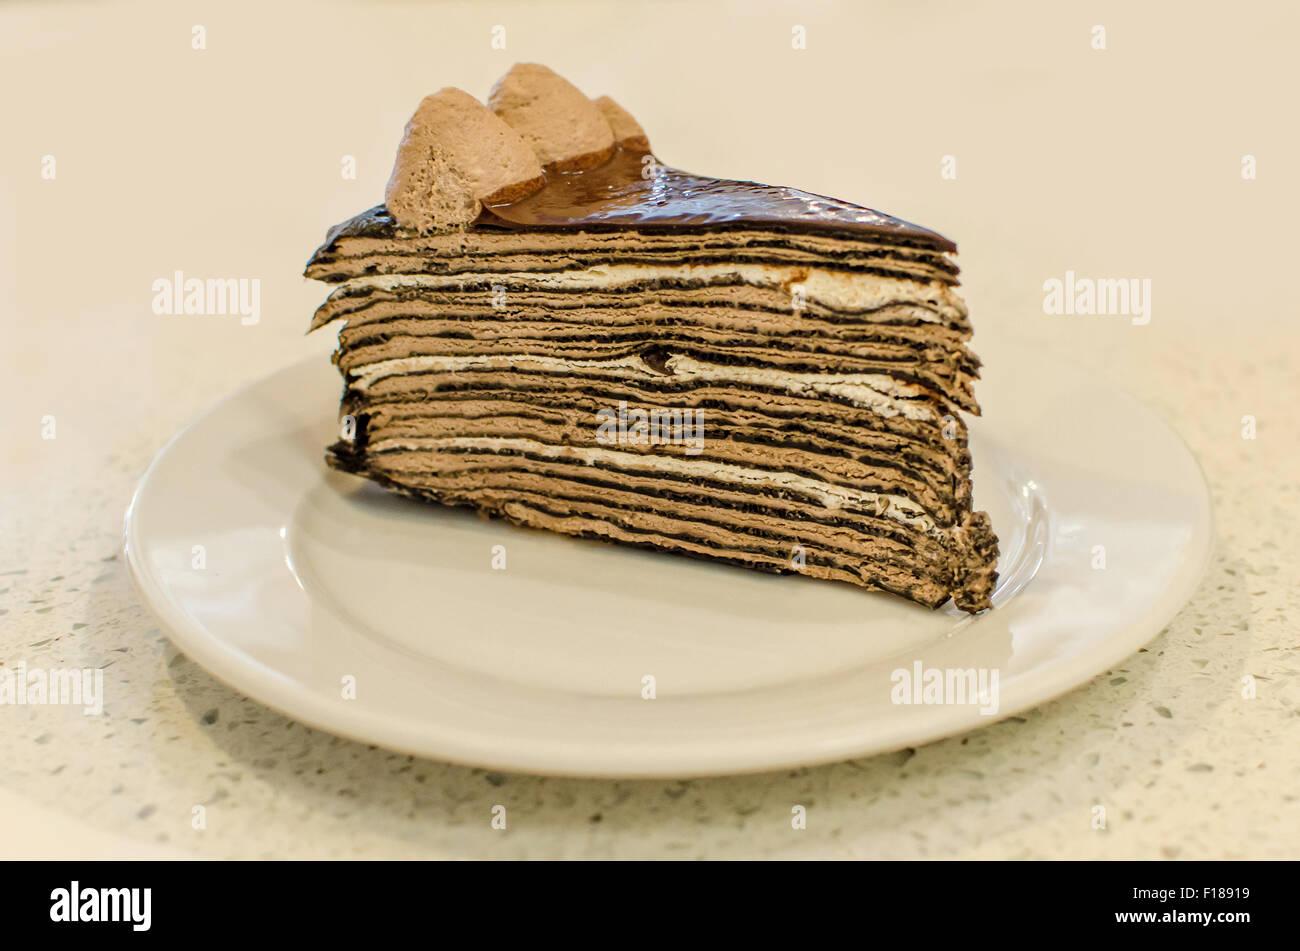 Tausend Schichten Kuchen Ist Ein Beruhmter Franzosischer Kuchen In